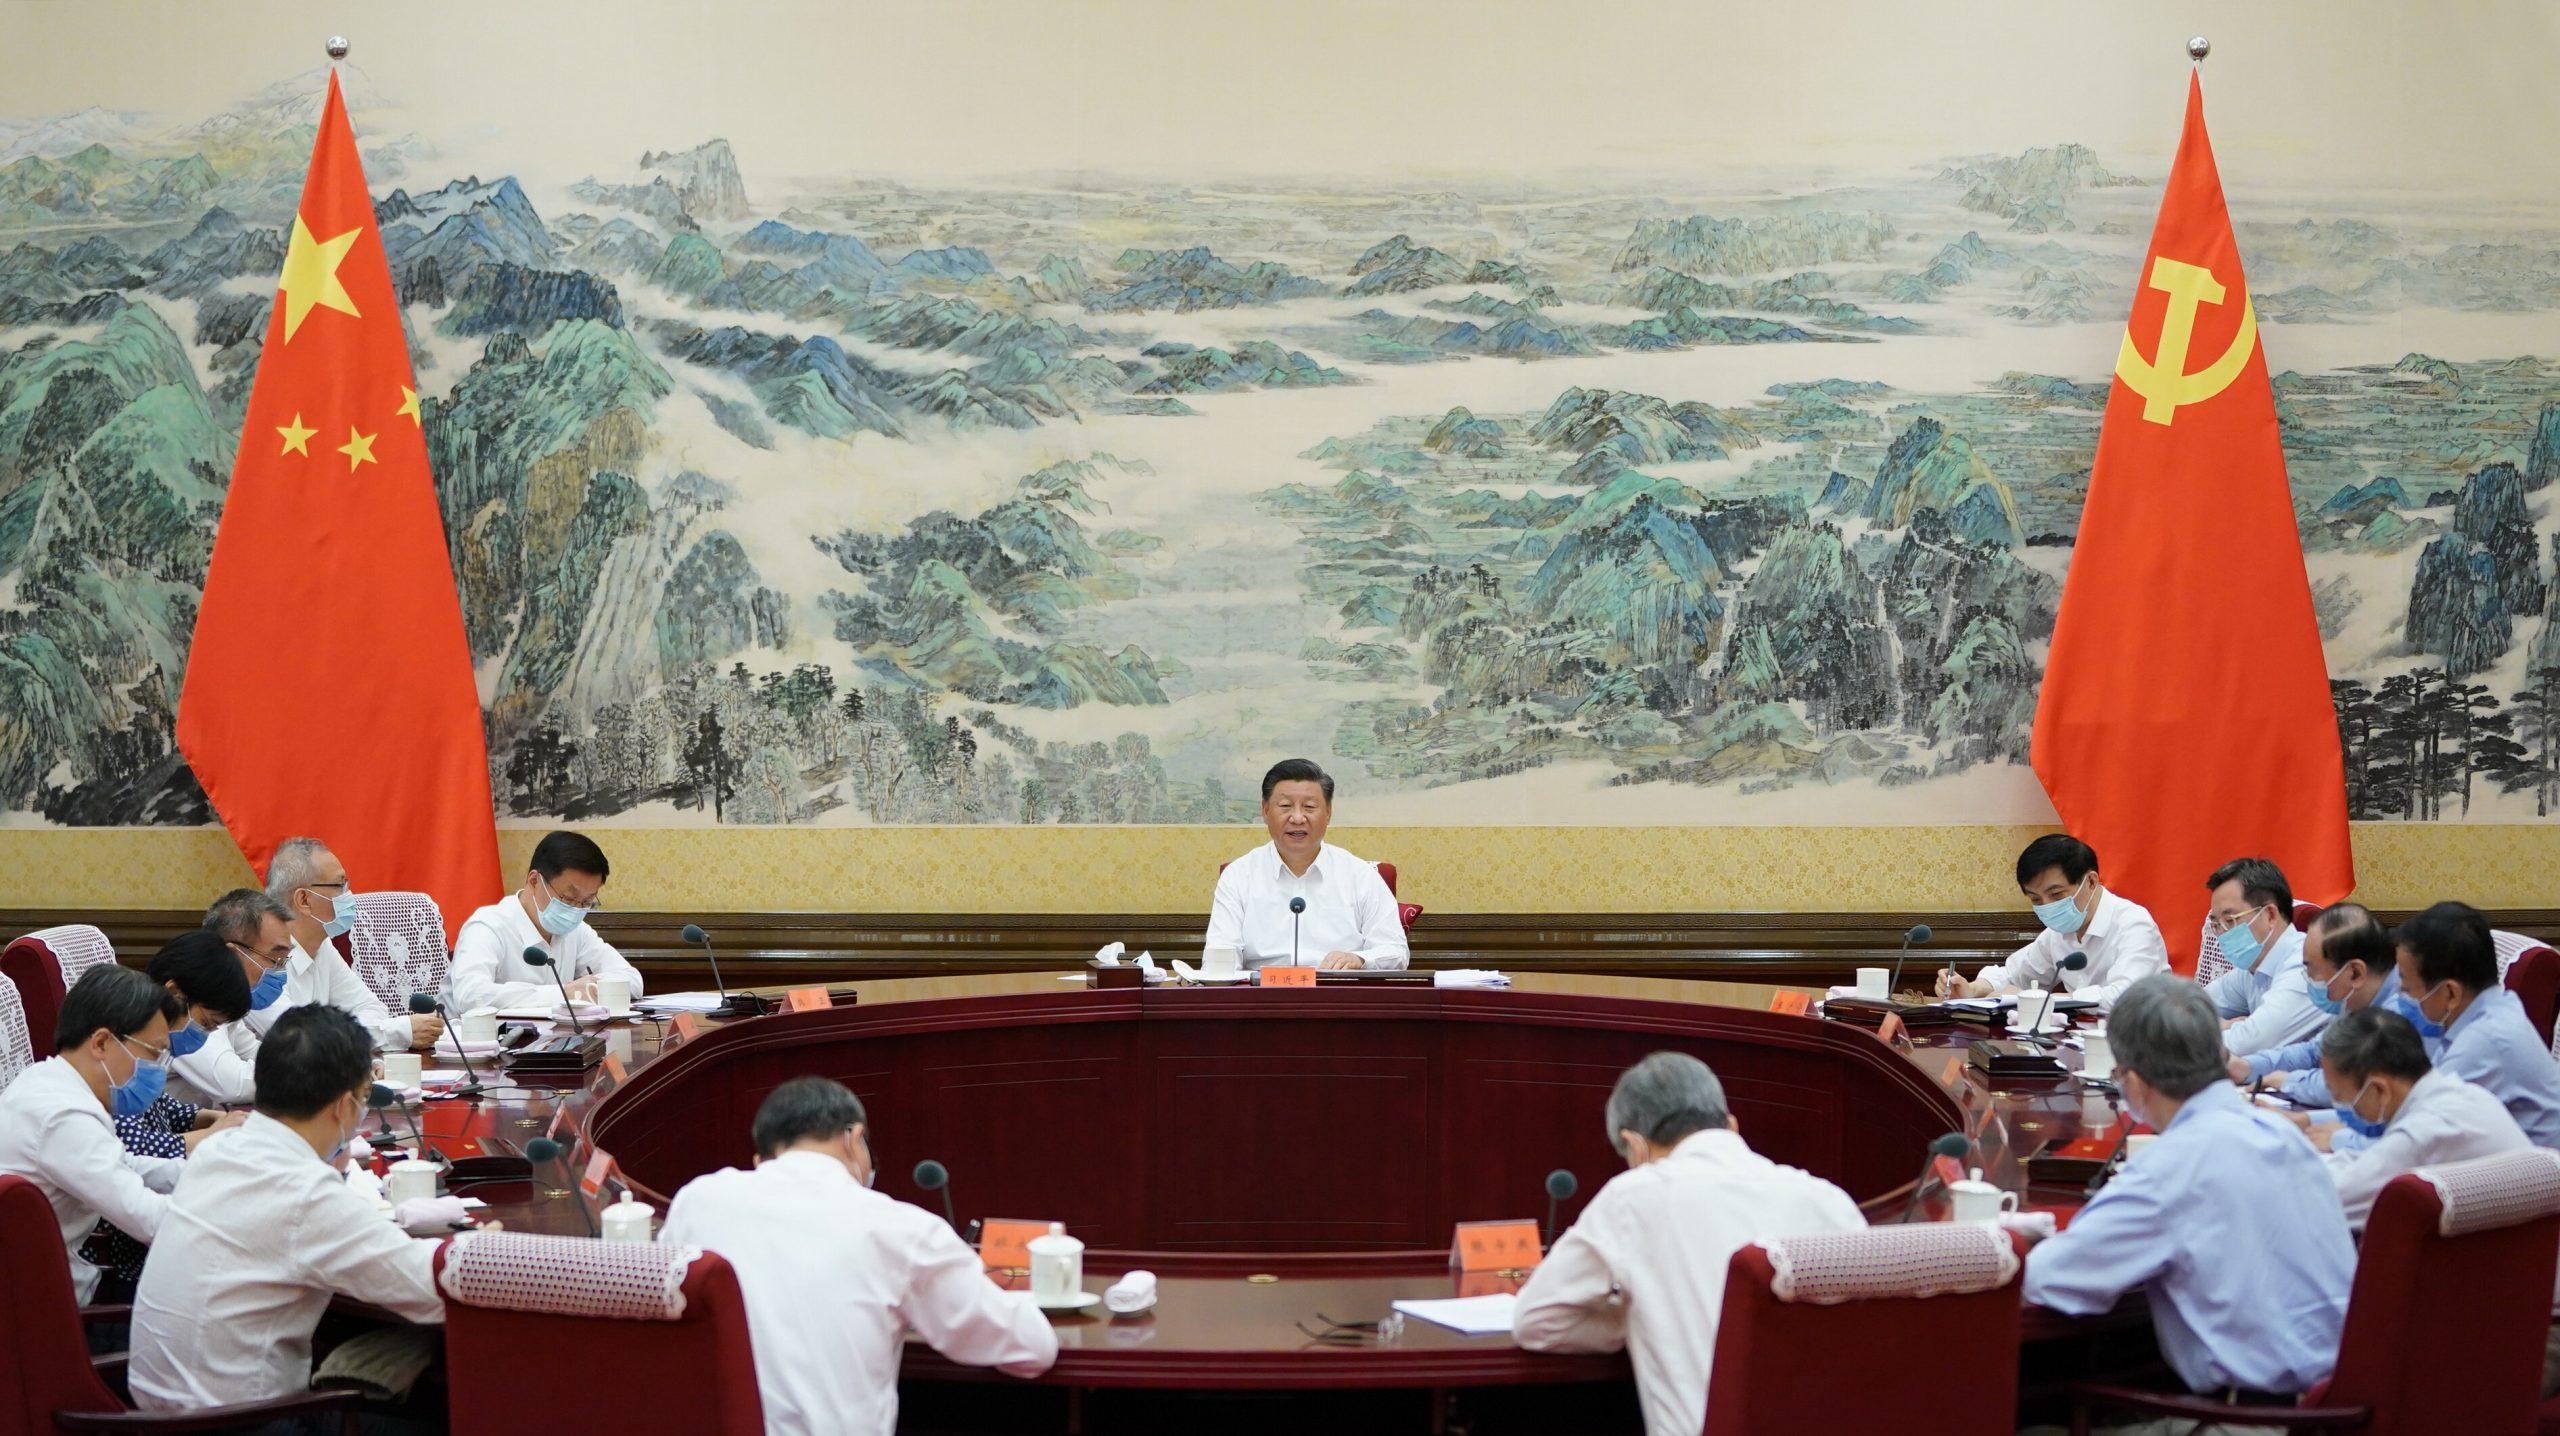 Le président chinois Xi Jinping lors d'un colloque avec des économistes et des sociologues à Pékin, le 20 août 2020. (Source : SCMP)